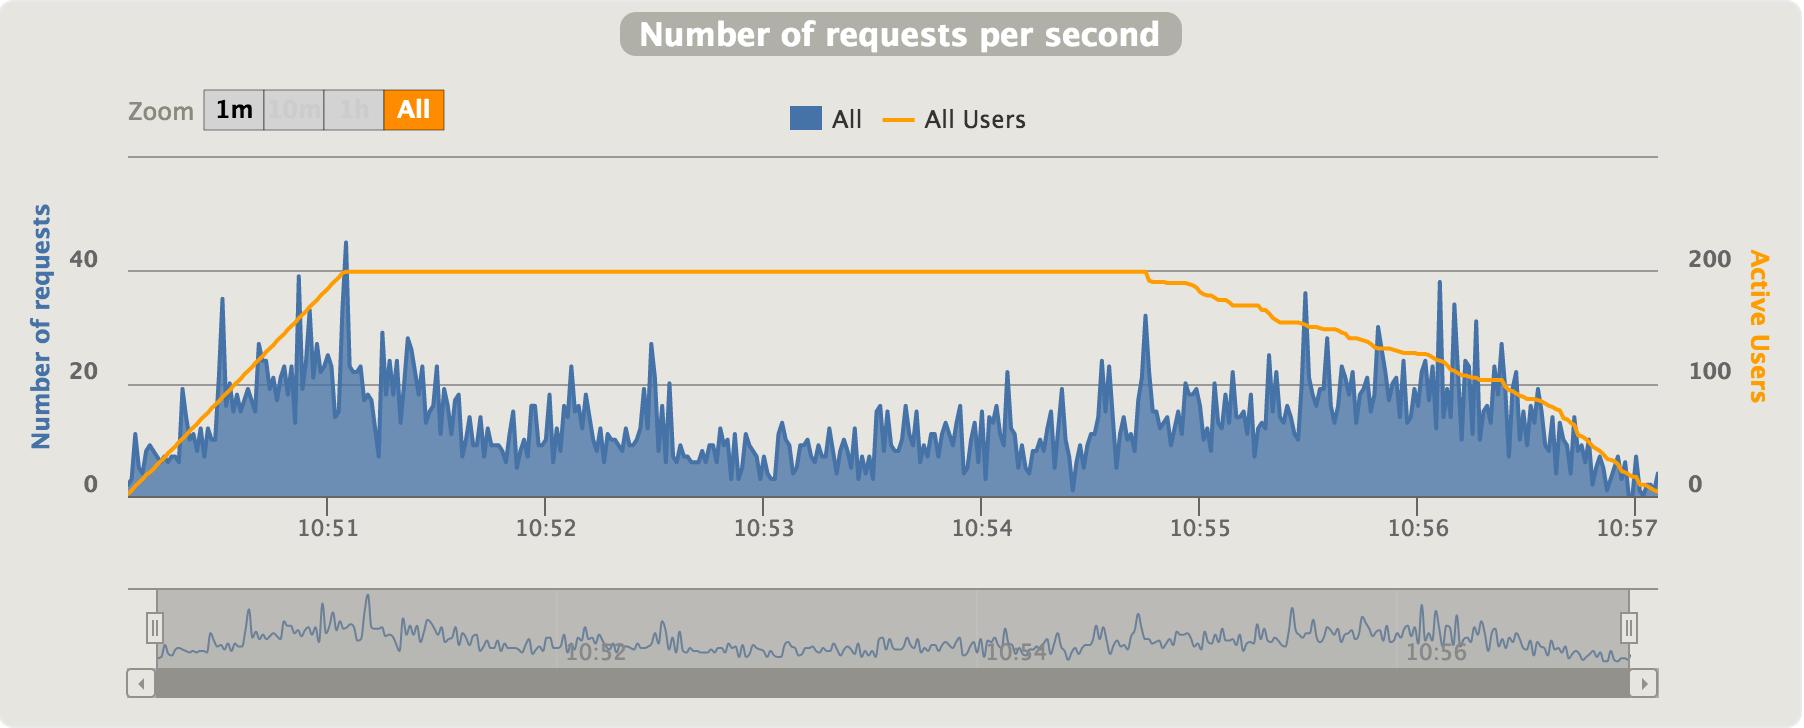 RequestsPerSecond